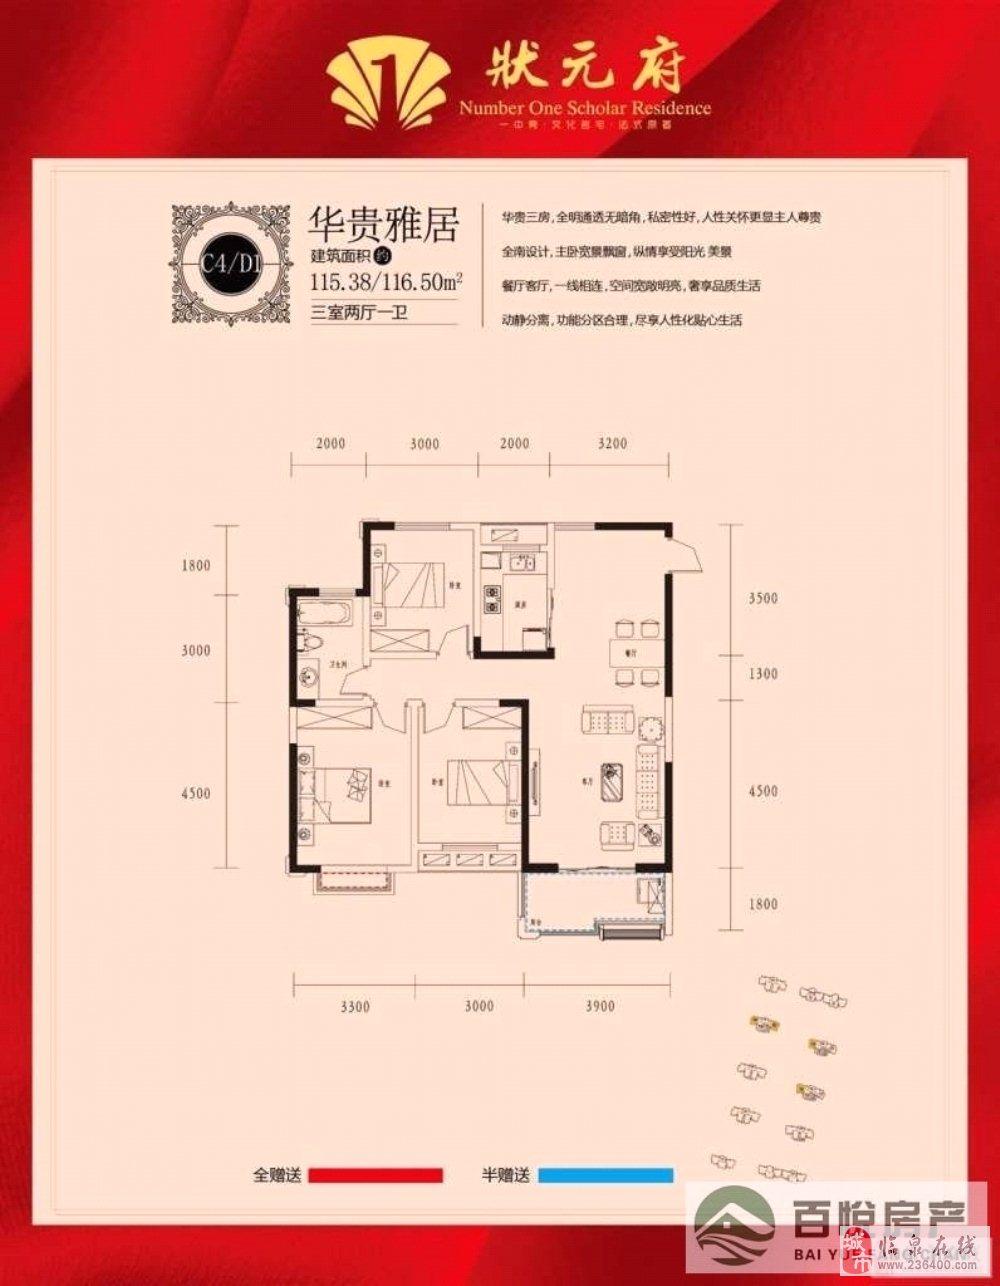 状元府3室2厅1卫77万元急售急售急售